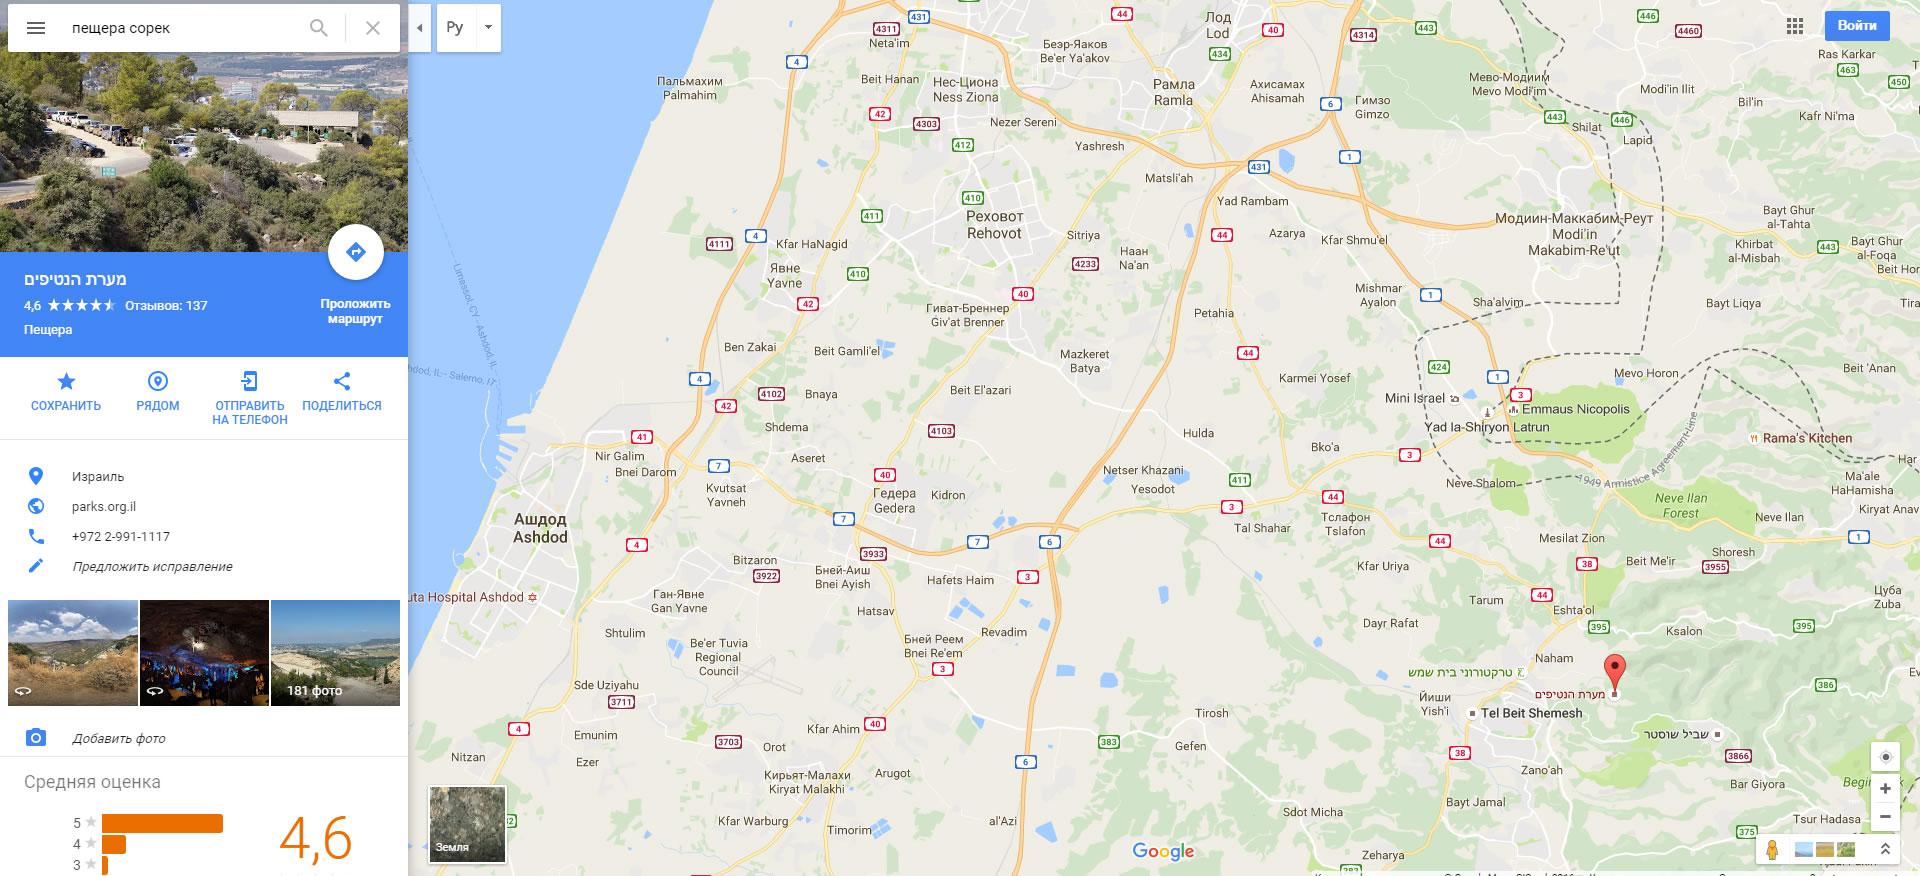 Пещера Сорек в Израиле